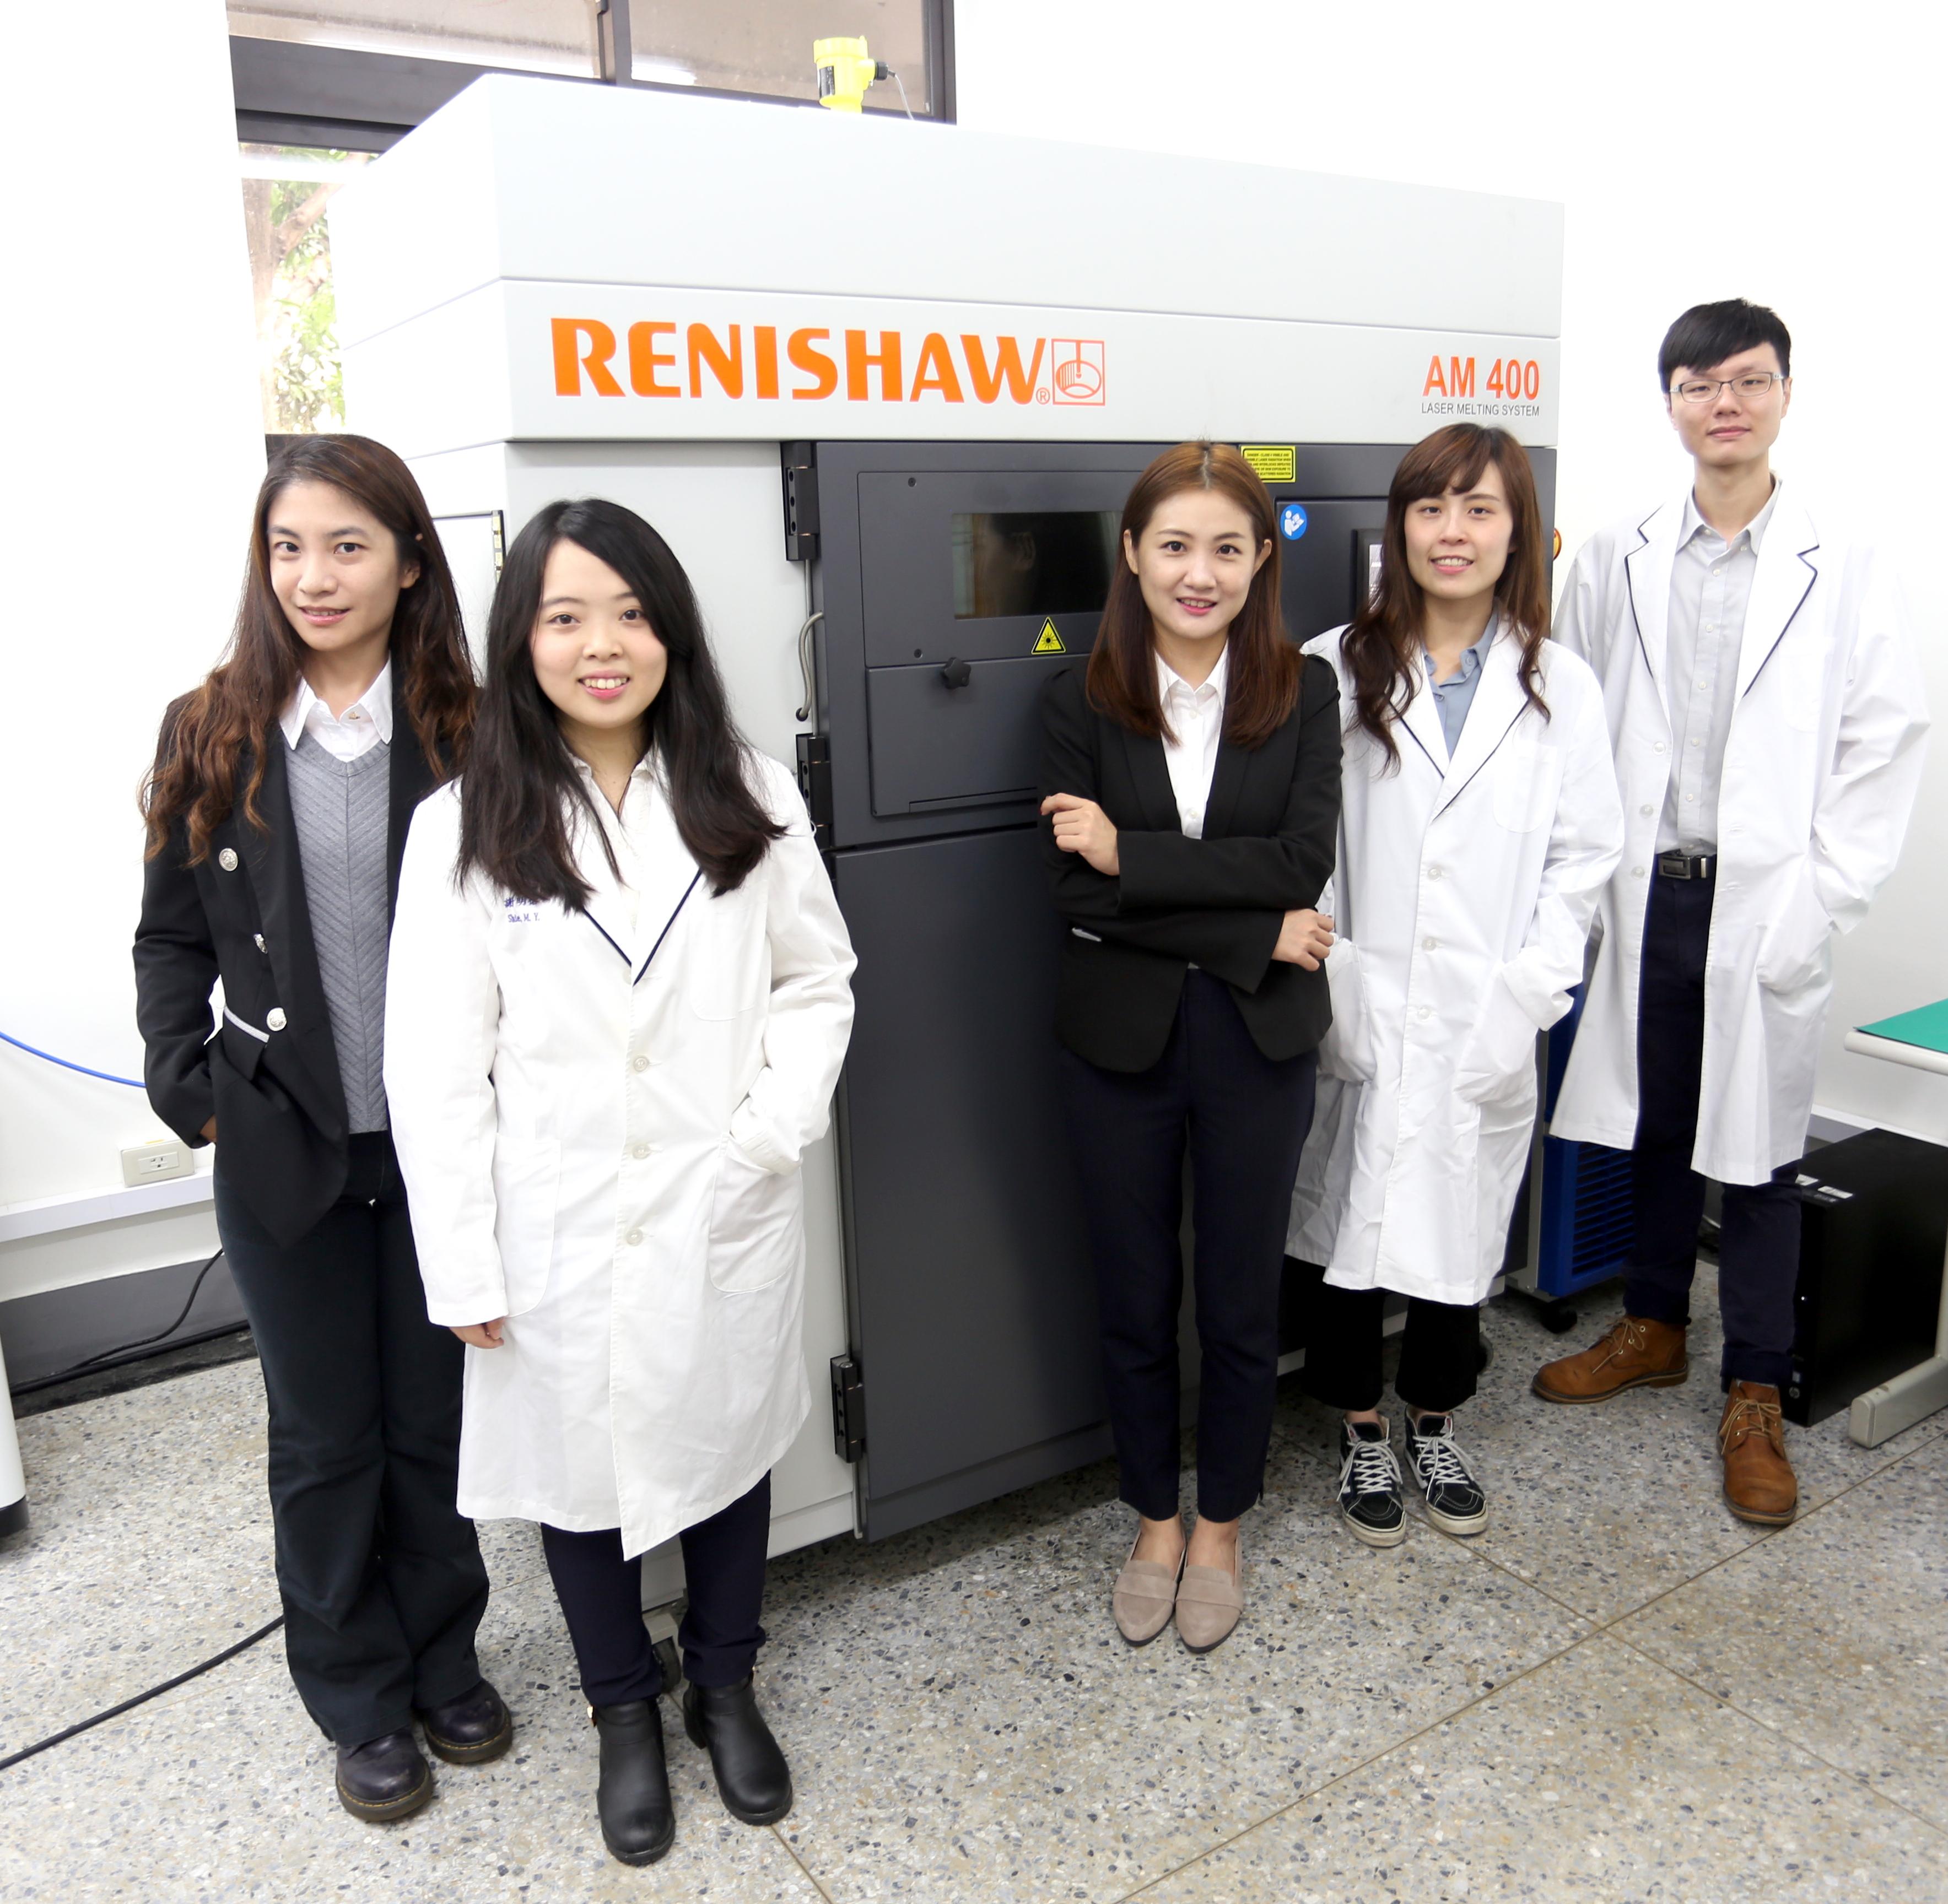 金屬3D列印機RENISHAW AM400與成員合照